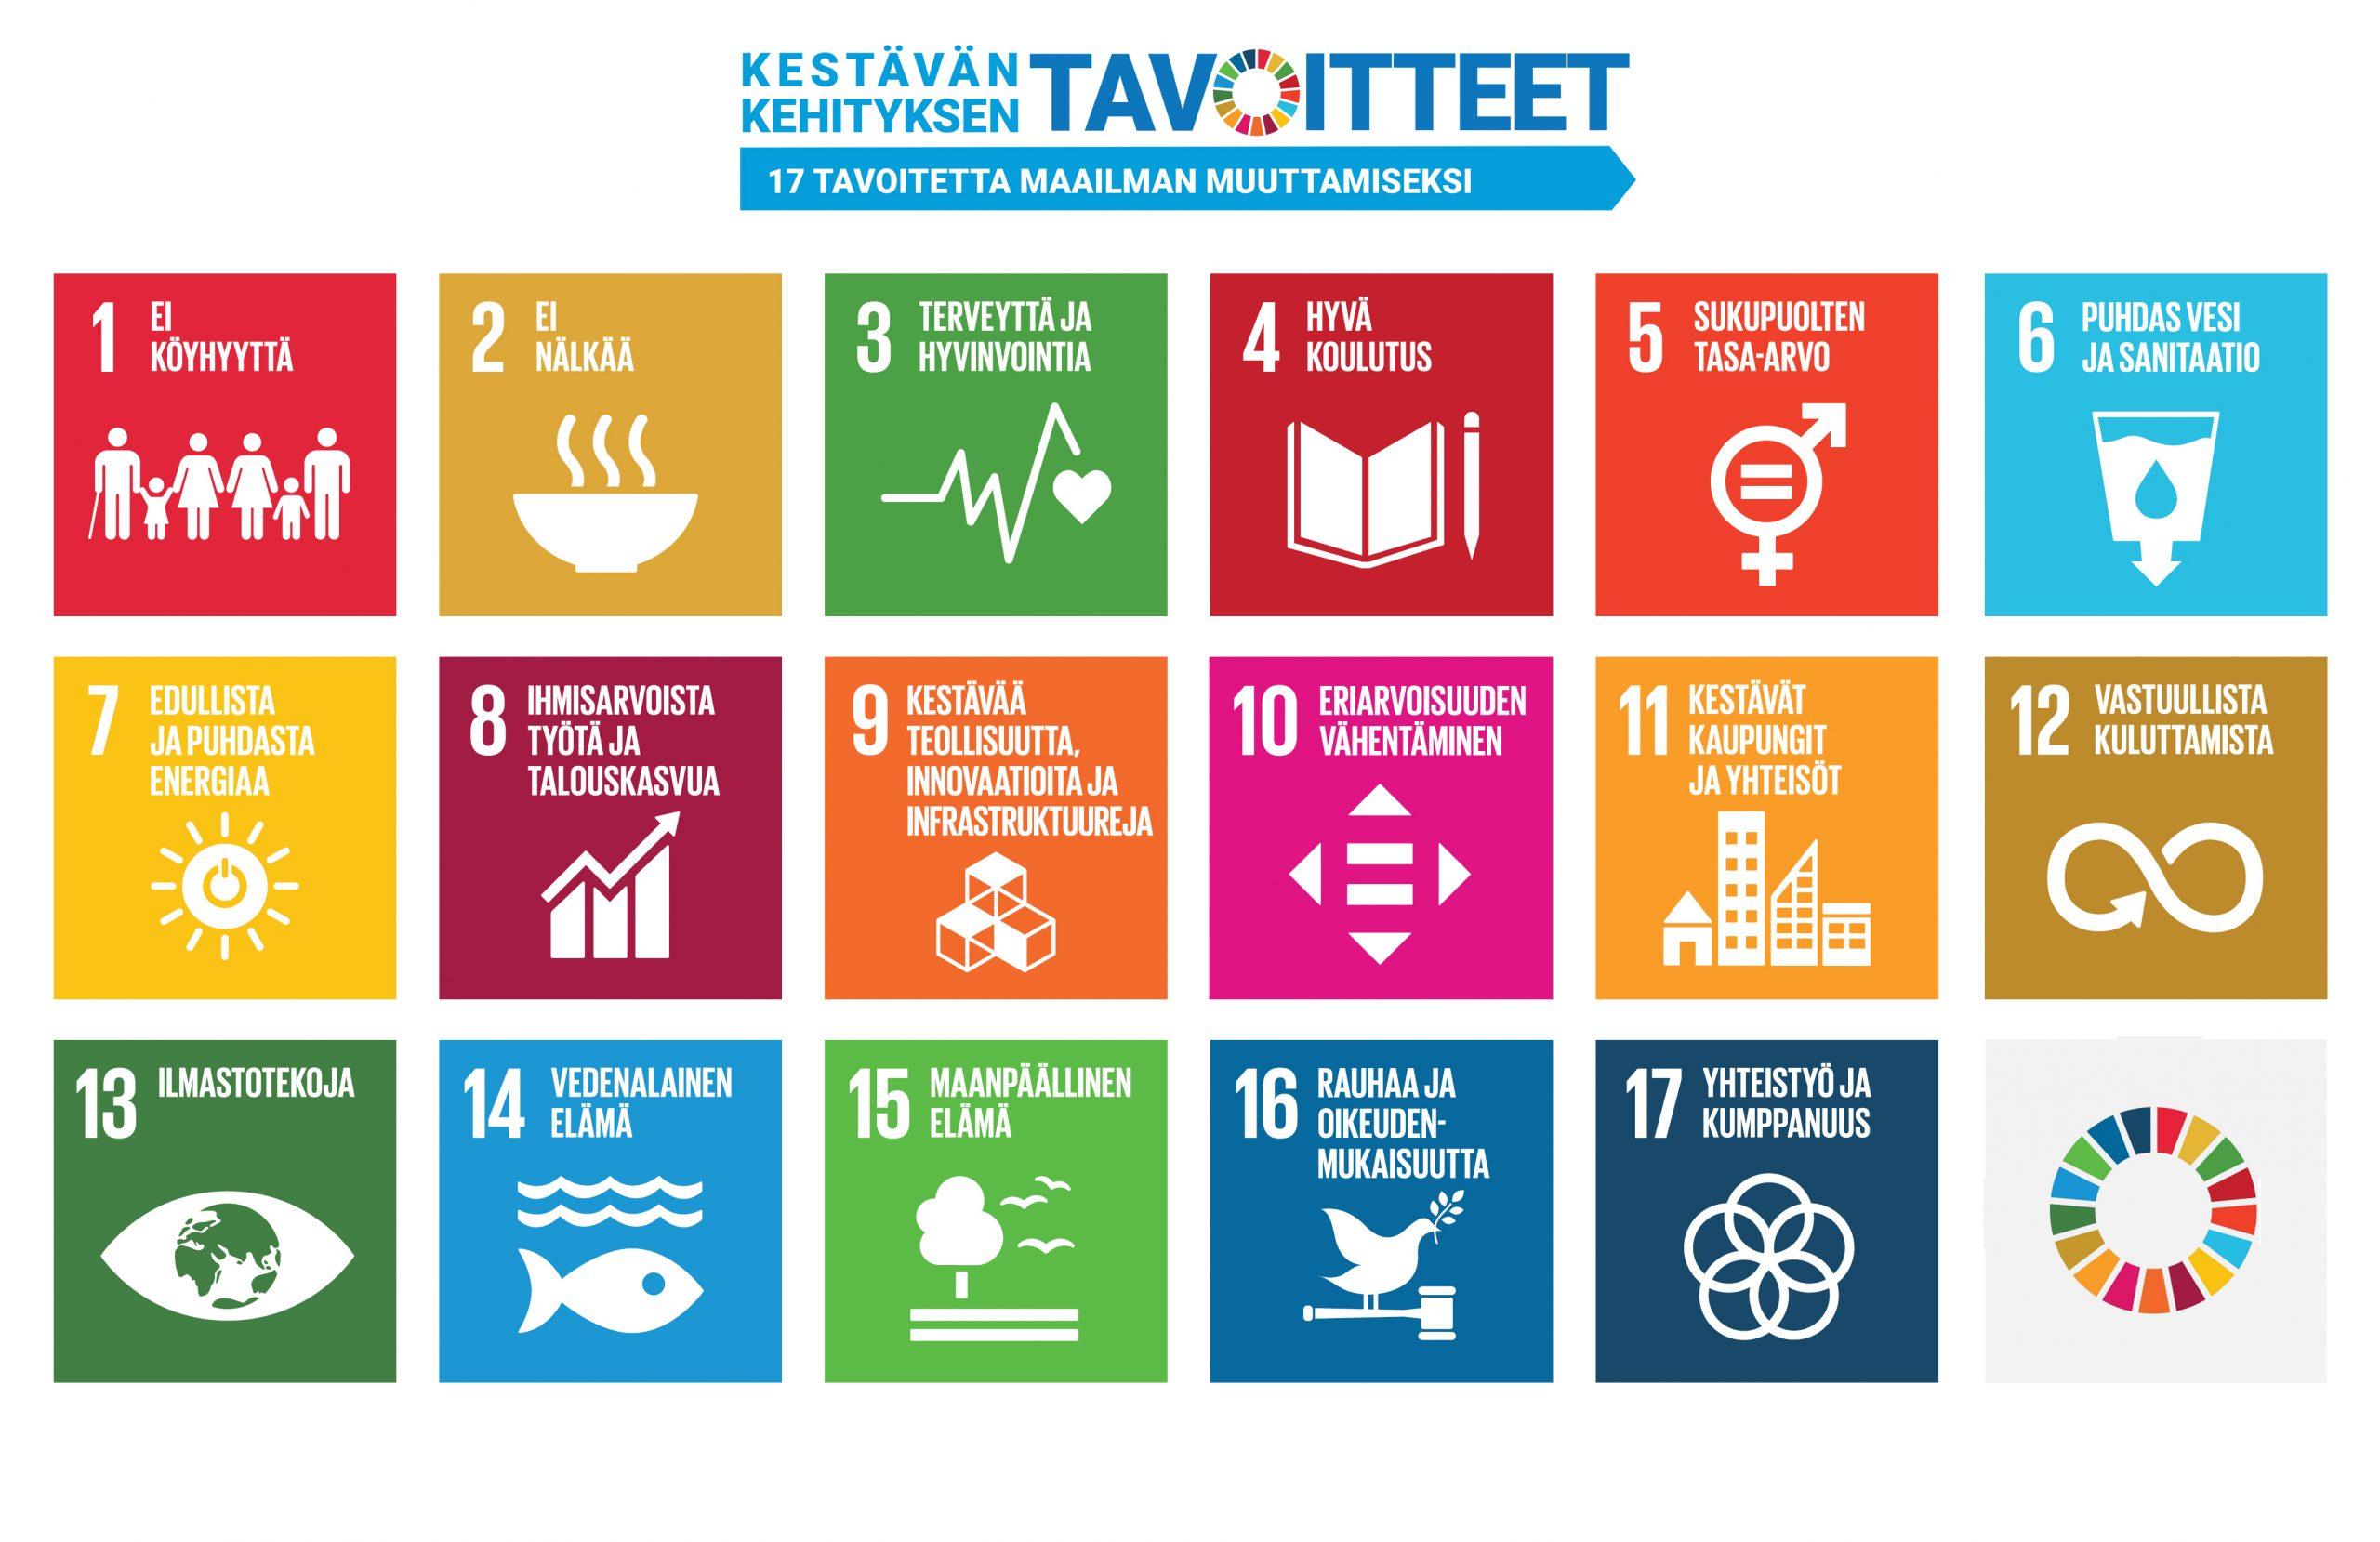 kestävän kehityksen tavoitteet värillisinä kuvakkeina